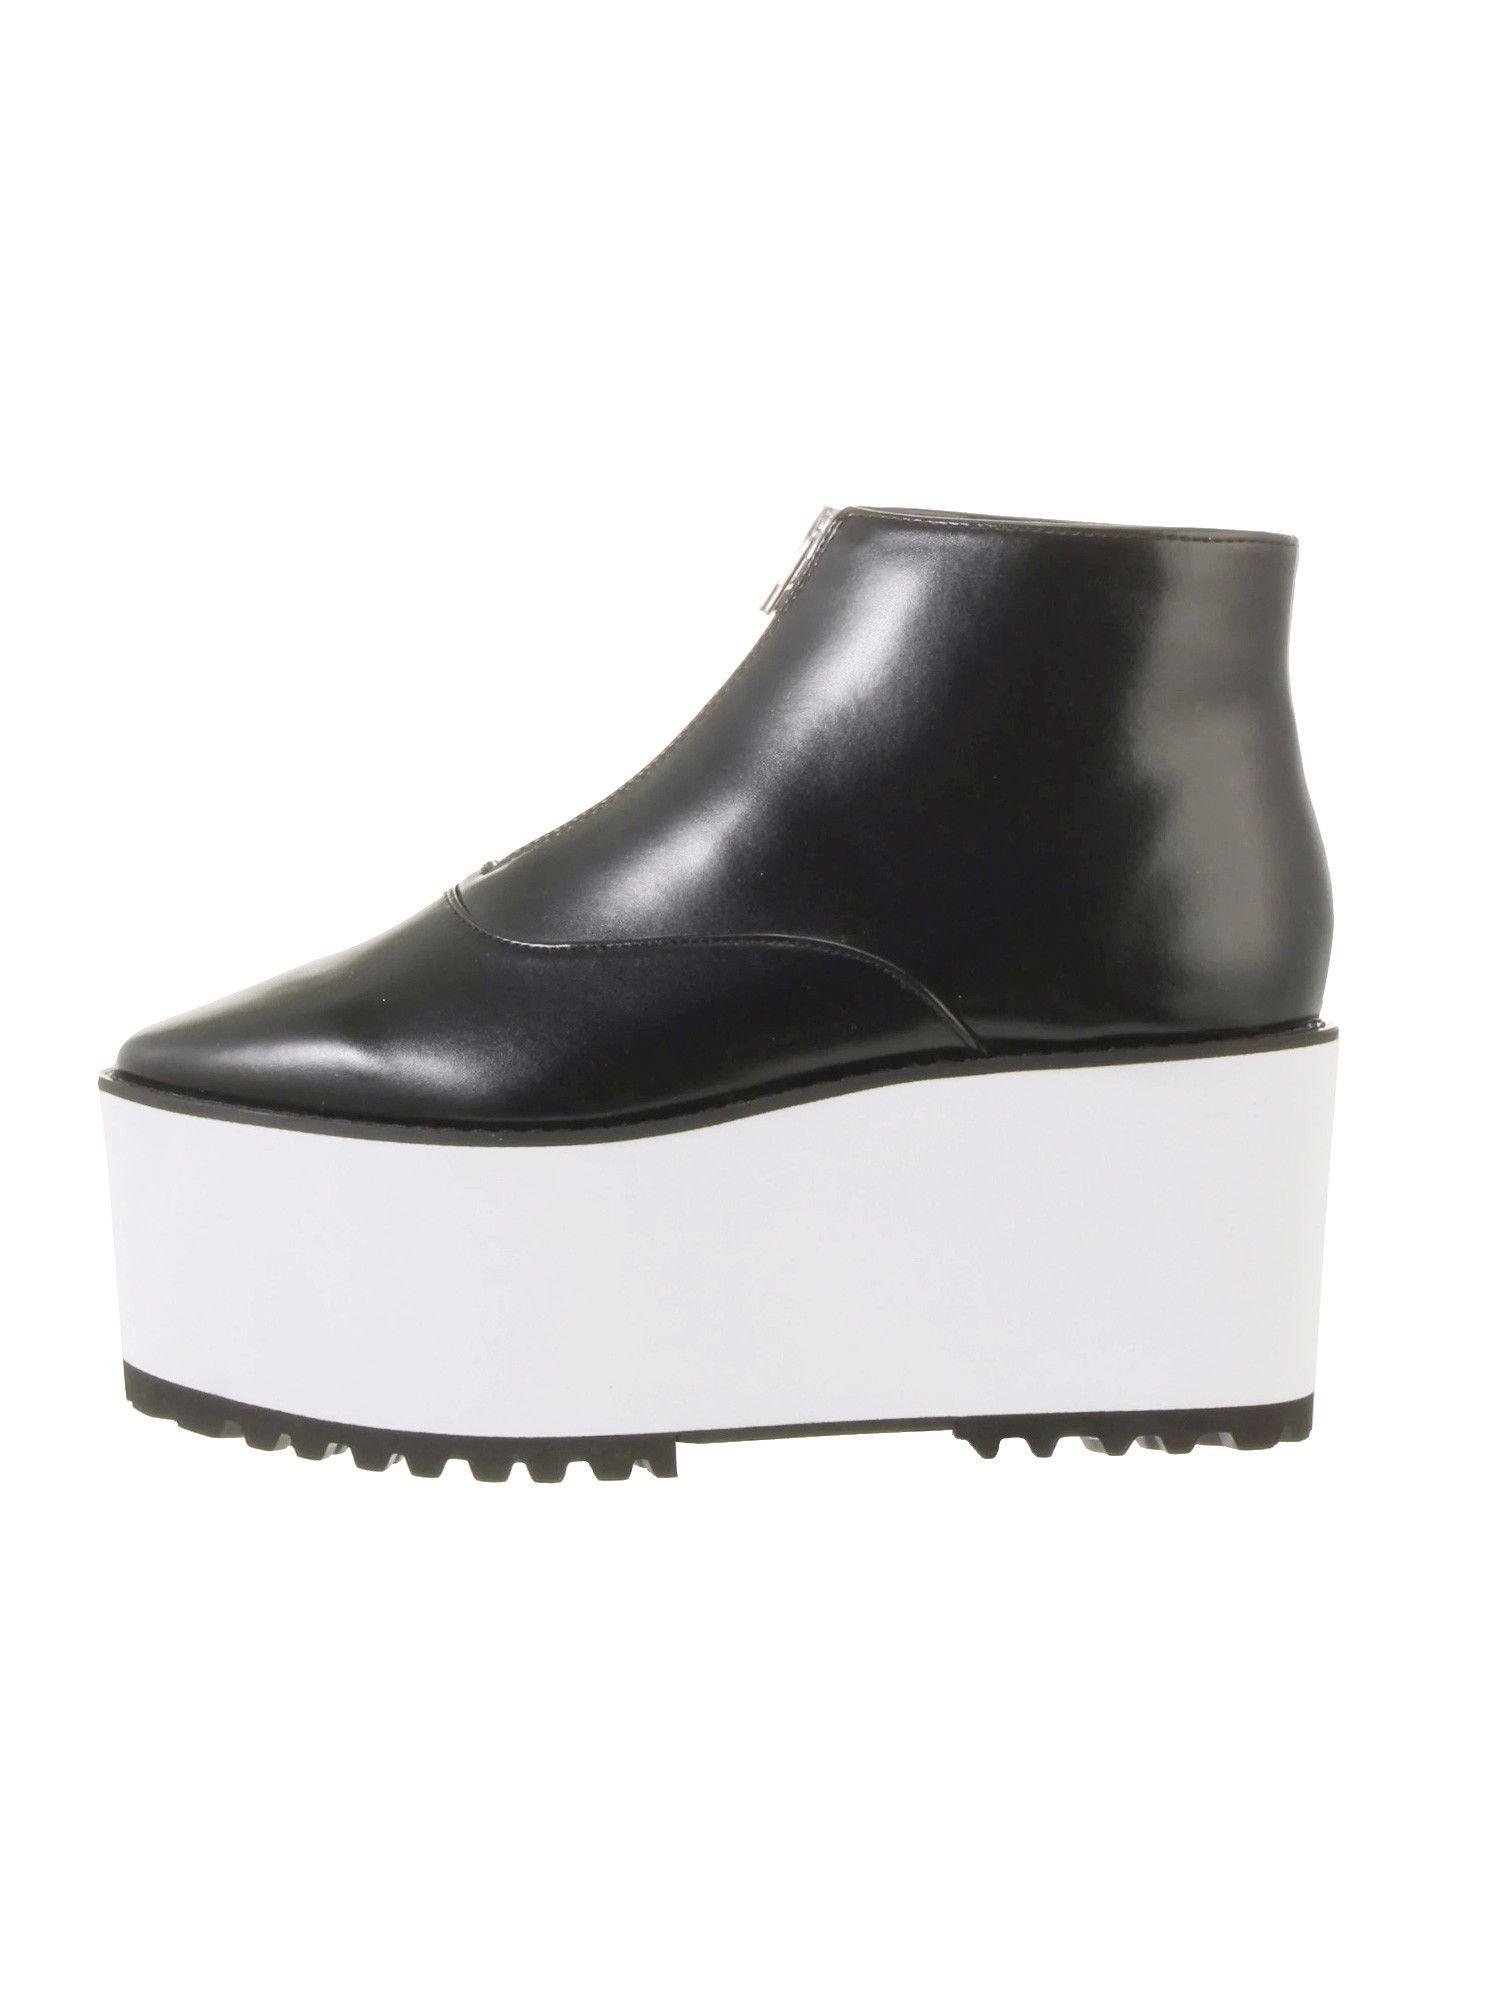 拉上笨重的鞋